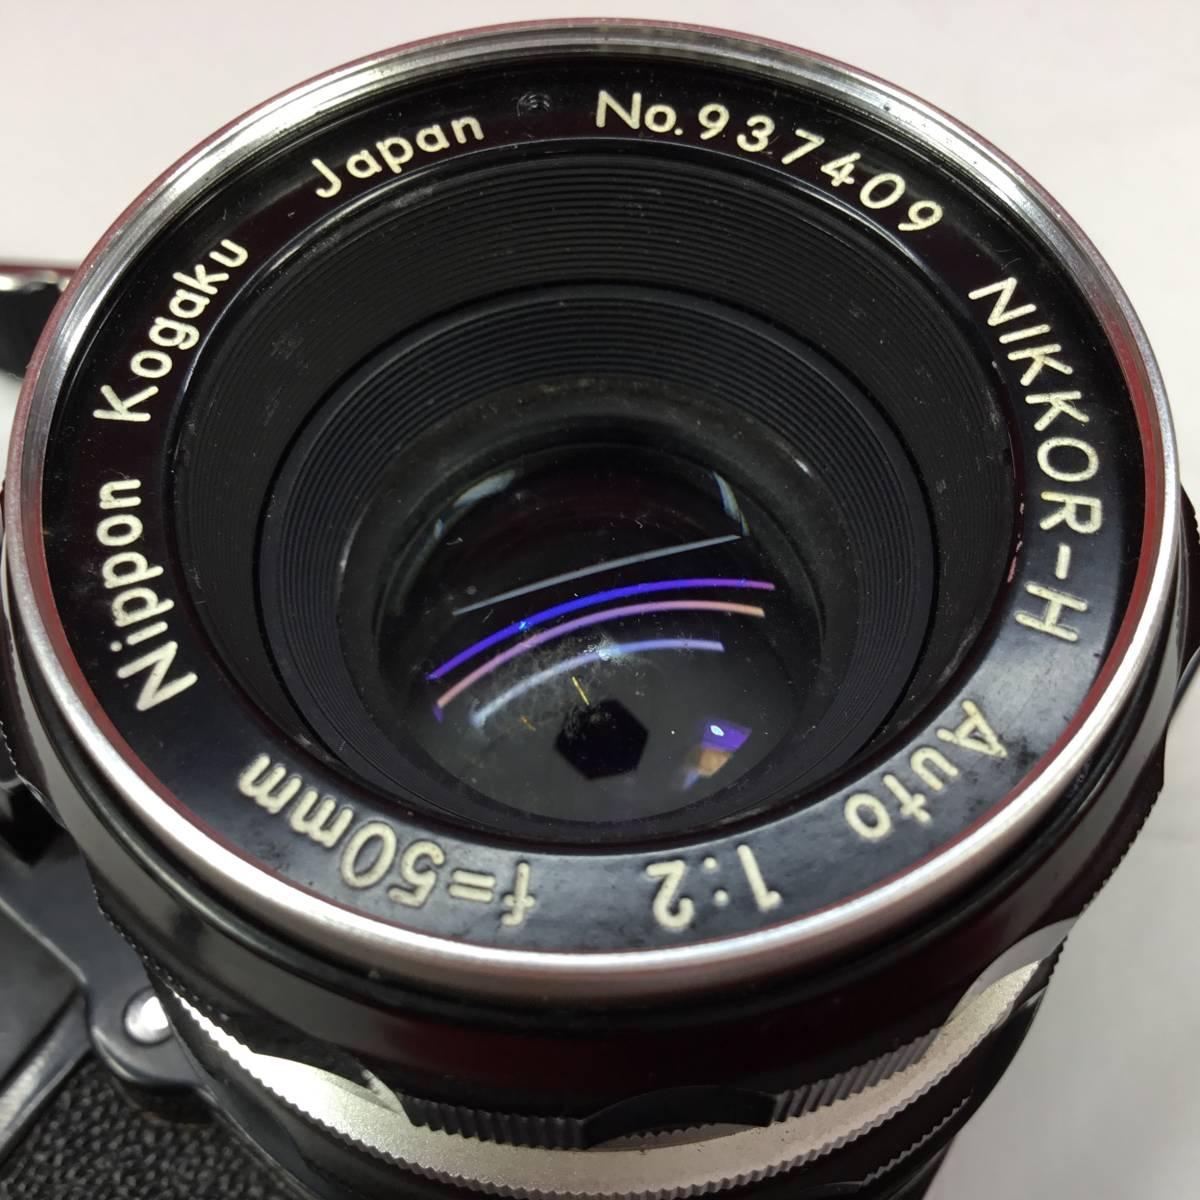 一眼レフカメラ Nikomat FT レンズ Nikon NIKKOR-H Auto 1:2 f=50mm ニコマート_画像6